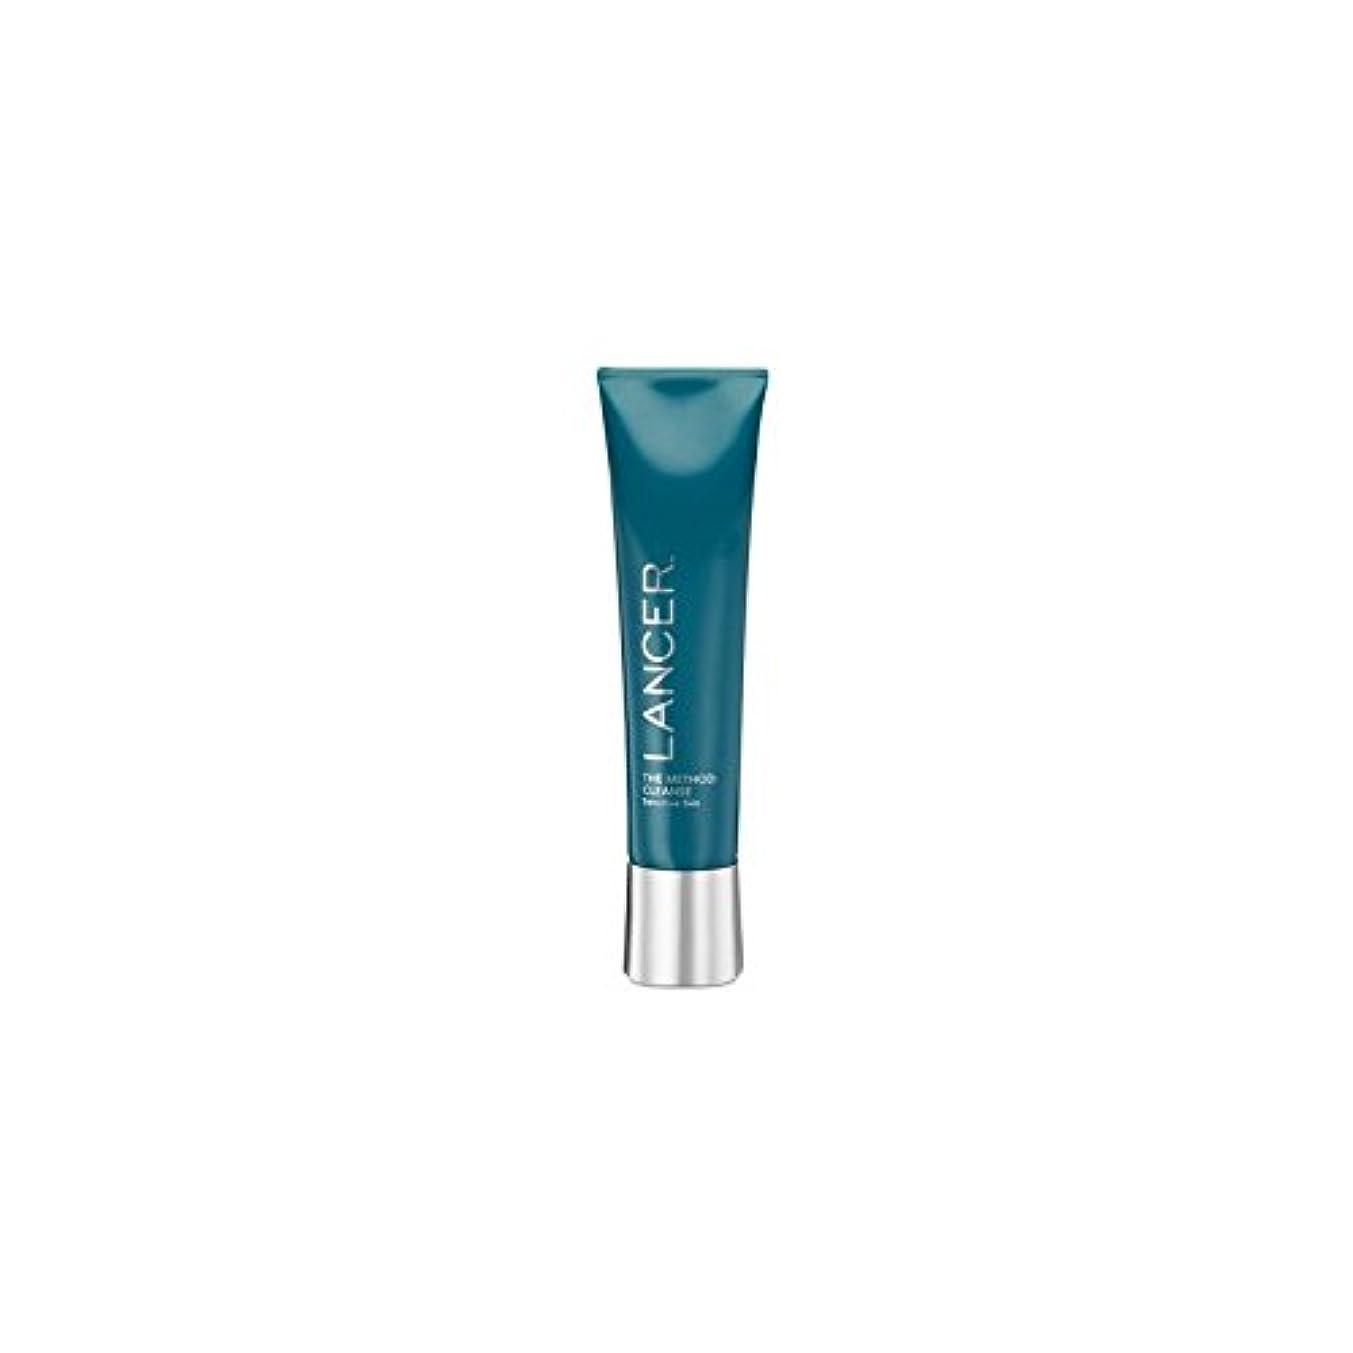 グリップ袋コロニアルLancer Skincare The Method: Cleanser Sensitive Skin (120ml) - クレンザー敏感肌(120ミリリットル):ランサーは、メソッドをスキンケア [並行輸入品]